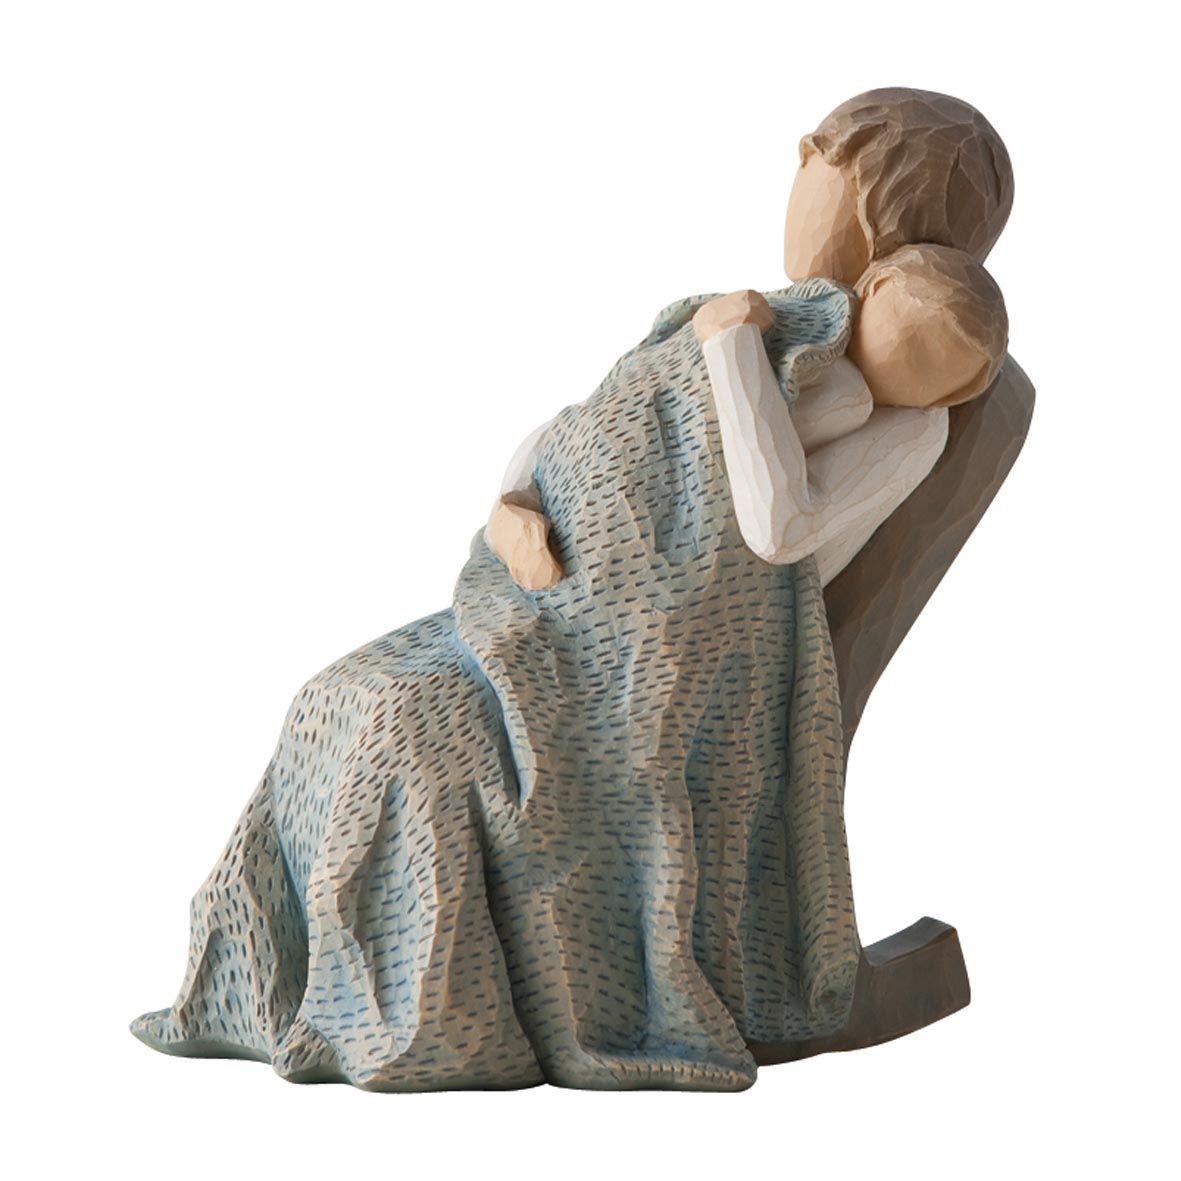 Фигурка Willow Tree Одеяло, 14 см26250Эти прекрасные статуэтки созданы канадским скульптором Сьюзан Лорди. Каждая фигурка – это настоящее произведение искусства, образная скульптура в миниатюре, изображающая эмоции и чувства, которые помогают нам чувствовать себя ближе к другим, верить в мечту, выражать любовь. Каждая фигурка помещена в красивую упаковку. Купить такой оригинальный подарок, значит не только украсить интерьер помещения или жилой комнаты, но выразить свое глубокое отношение к любимому человеку. Этот прекрасный сувенир будет лучшим подарком на день ангела, именины, день рождения, юбилей. Материал: Искусственный камень (49% карбонат кальция мелкозернистой разновидности, 51% искусственный камень)